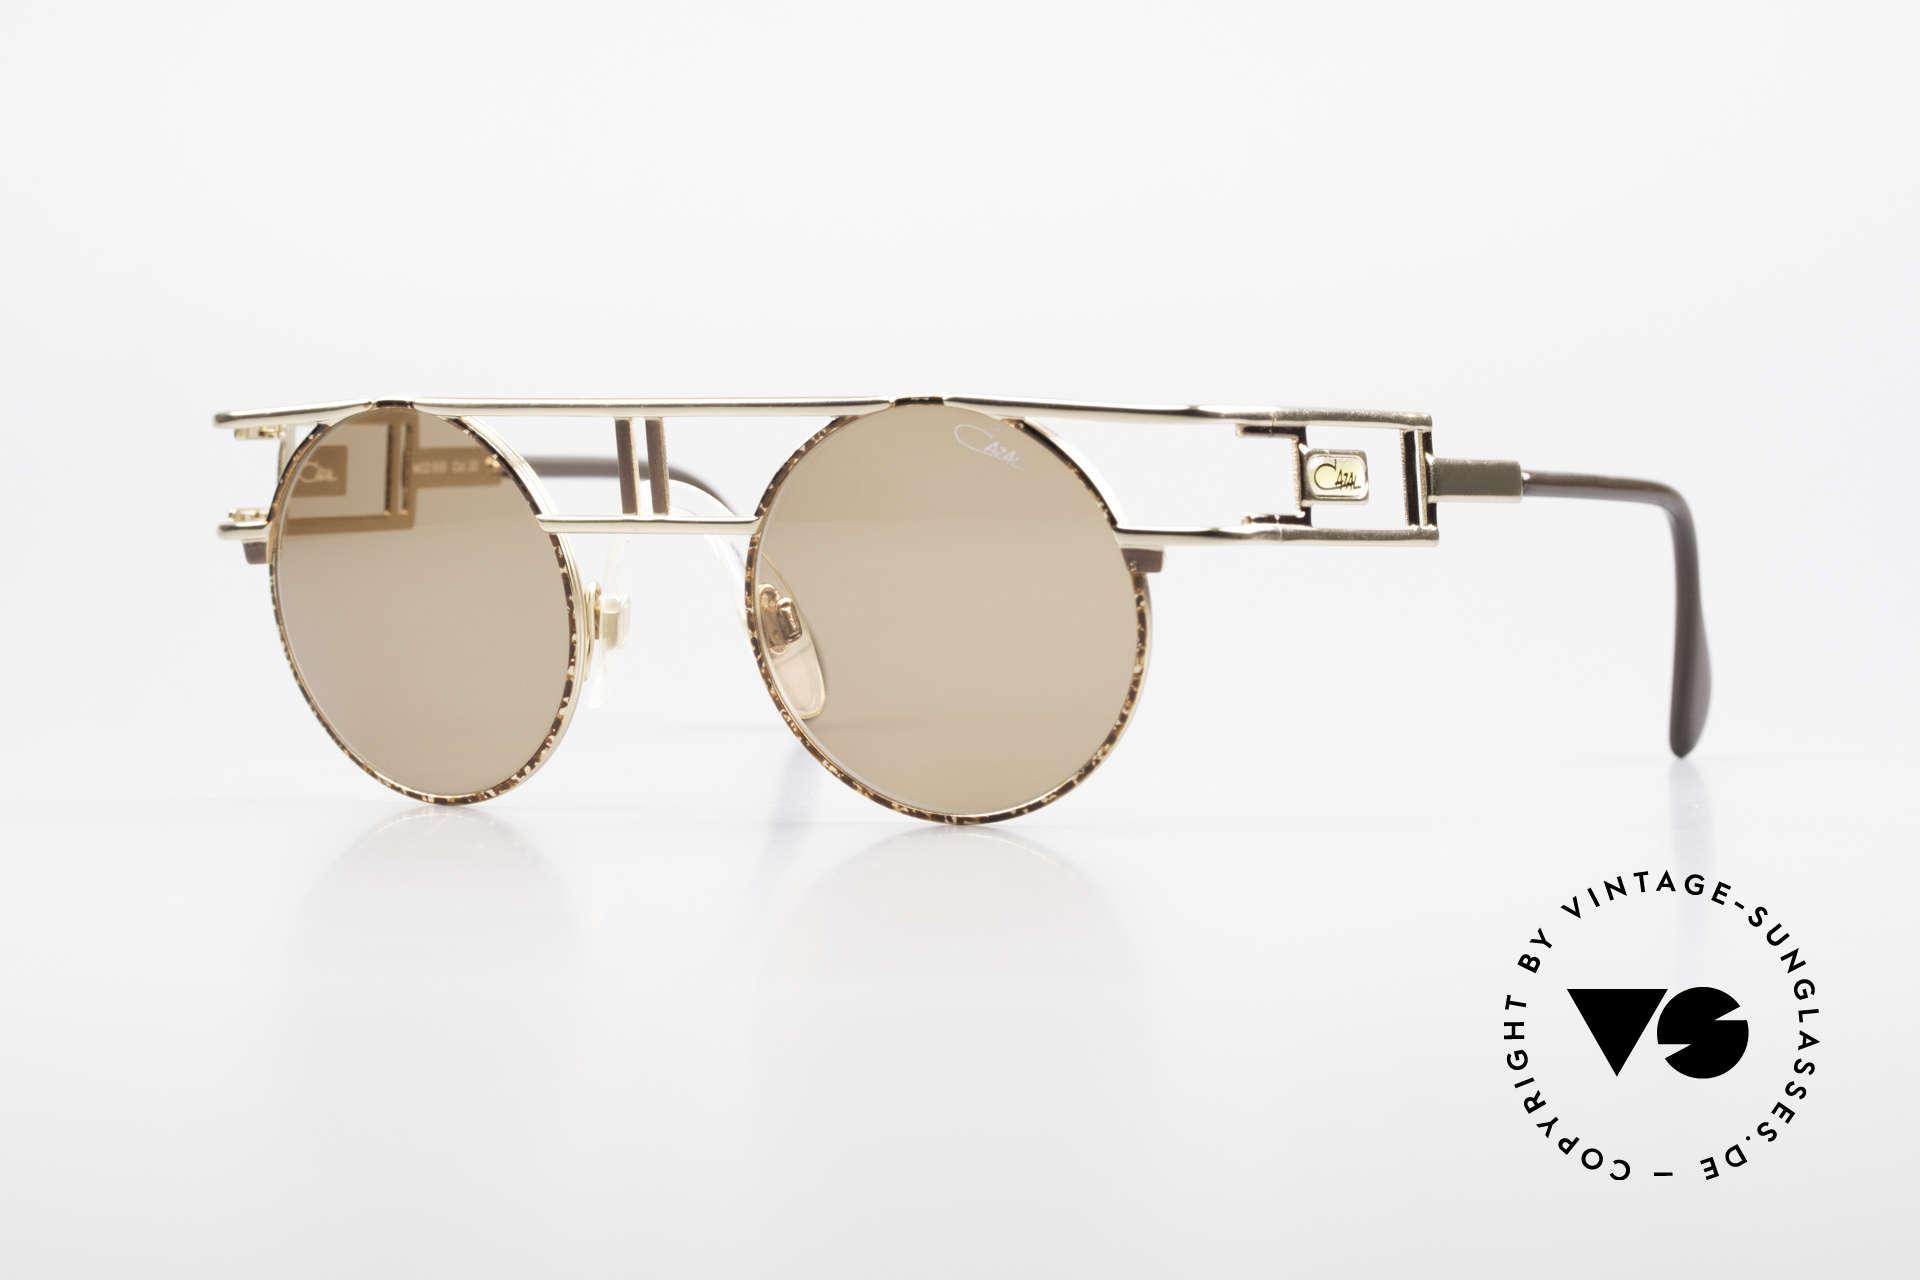 Cazal 958 90er Cazal Promi Vintage Brille, berühmte vintage Cazal Designerbrille von 1991, Passend für Herren und Damen